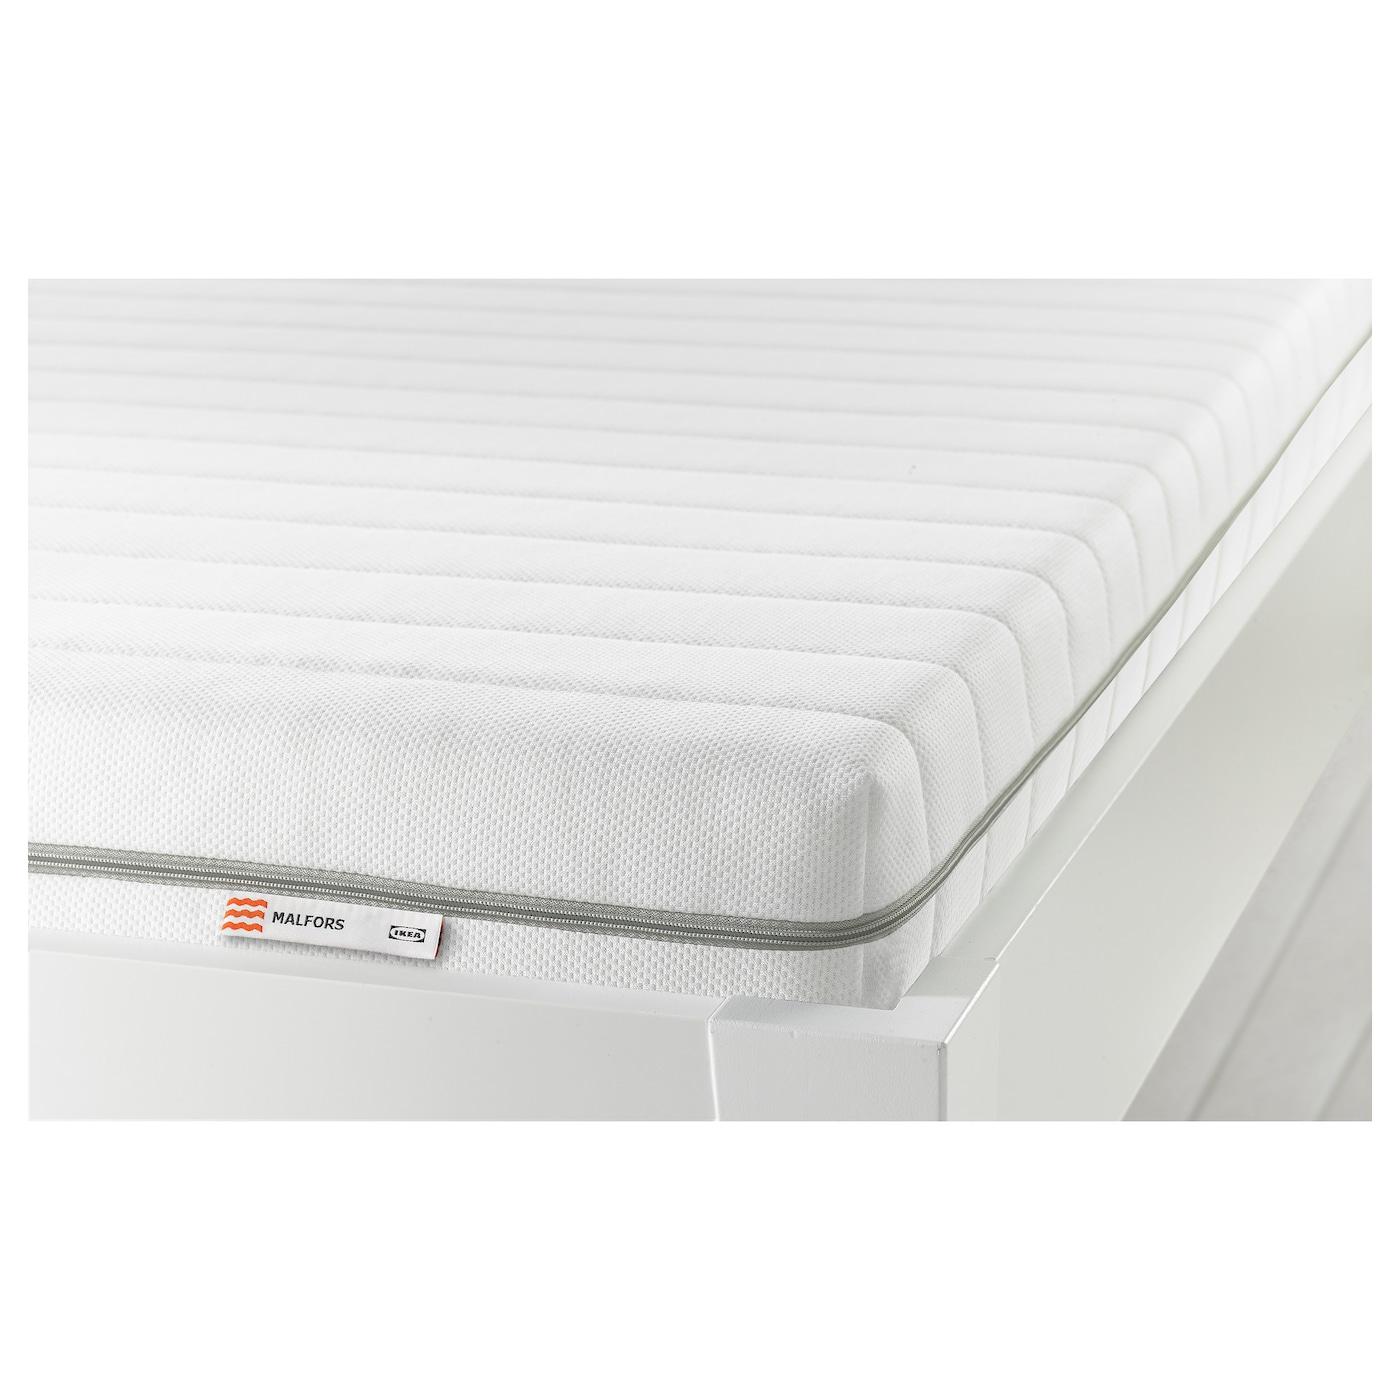 MALFORS | Schlafzimmer > Matratzen > Viscoschaum-Matratzen | Weiß | IKEA